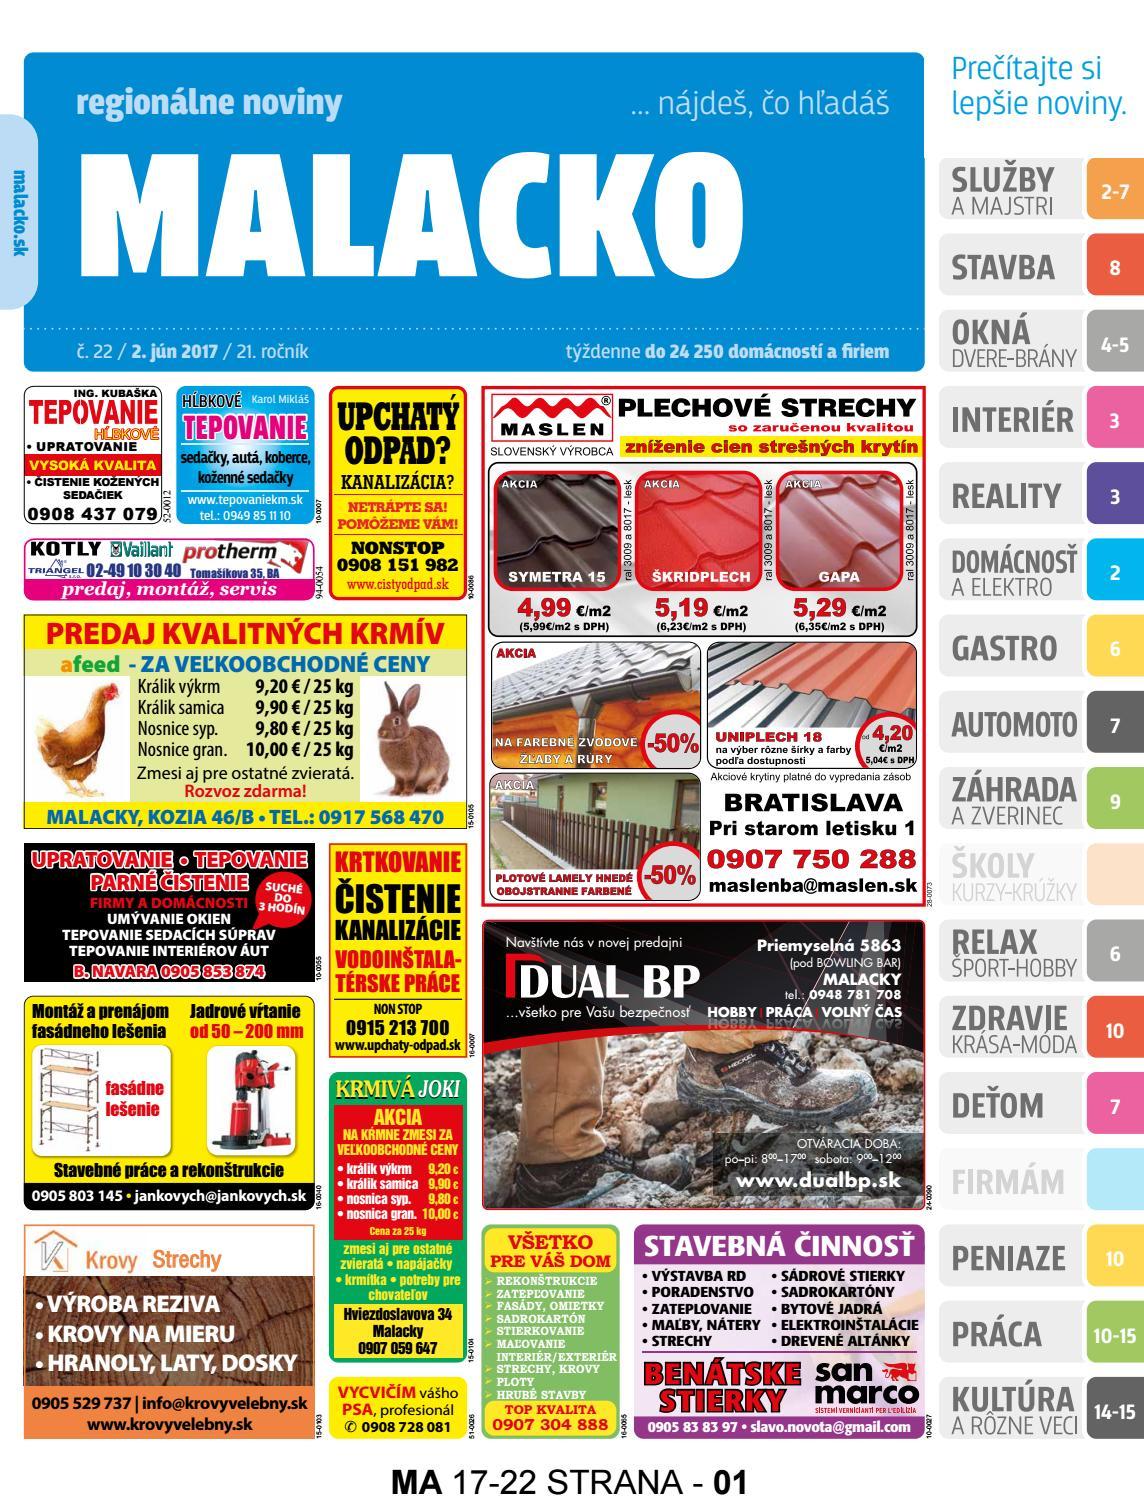 Zoznamka reklamy stránok